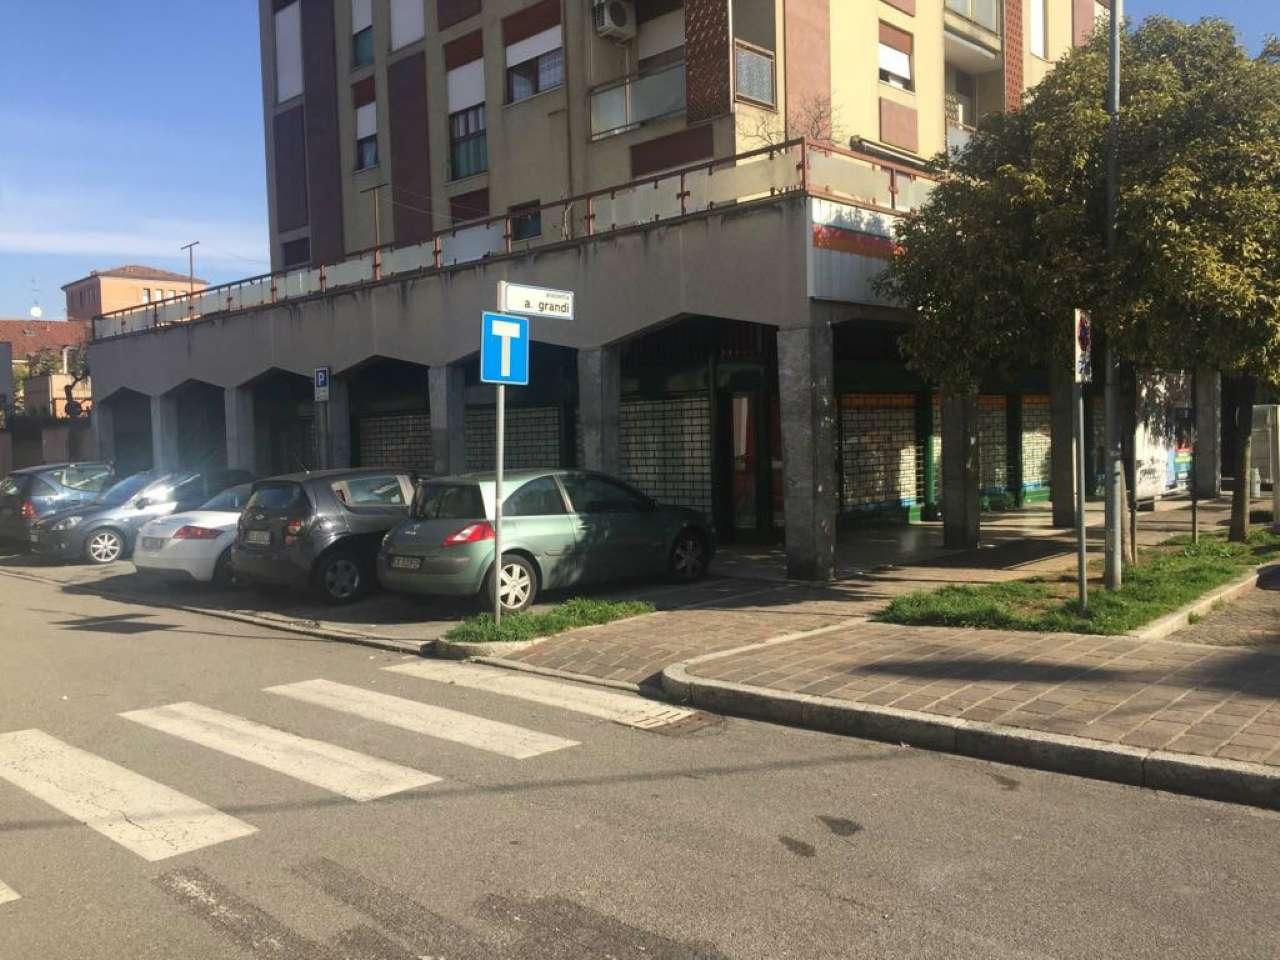 Negozio / Locale in vendita a Cavenago di Brianza, 9999 locali, Trattative riservate | CambioCasa.it